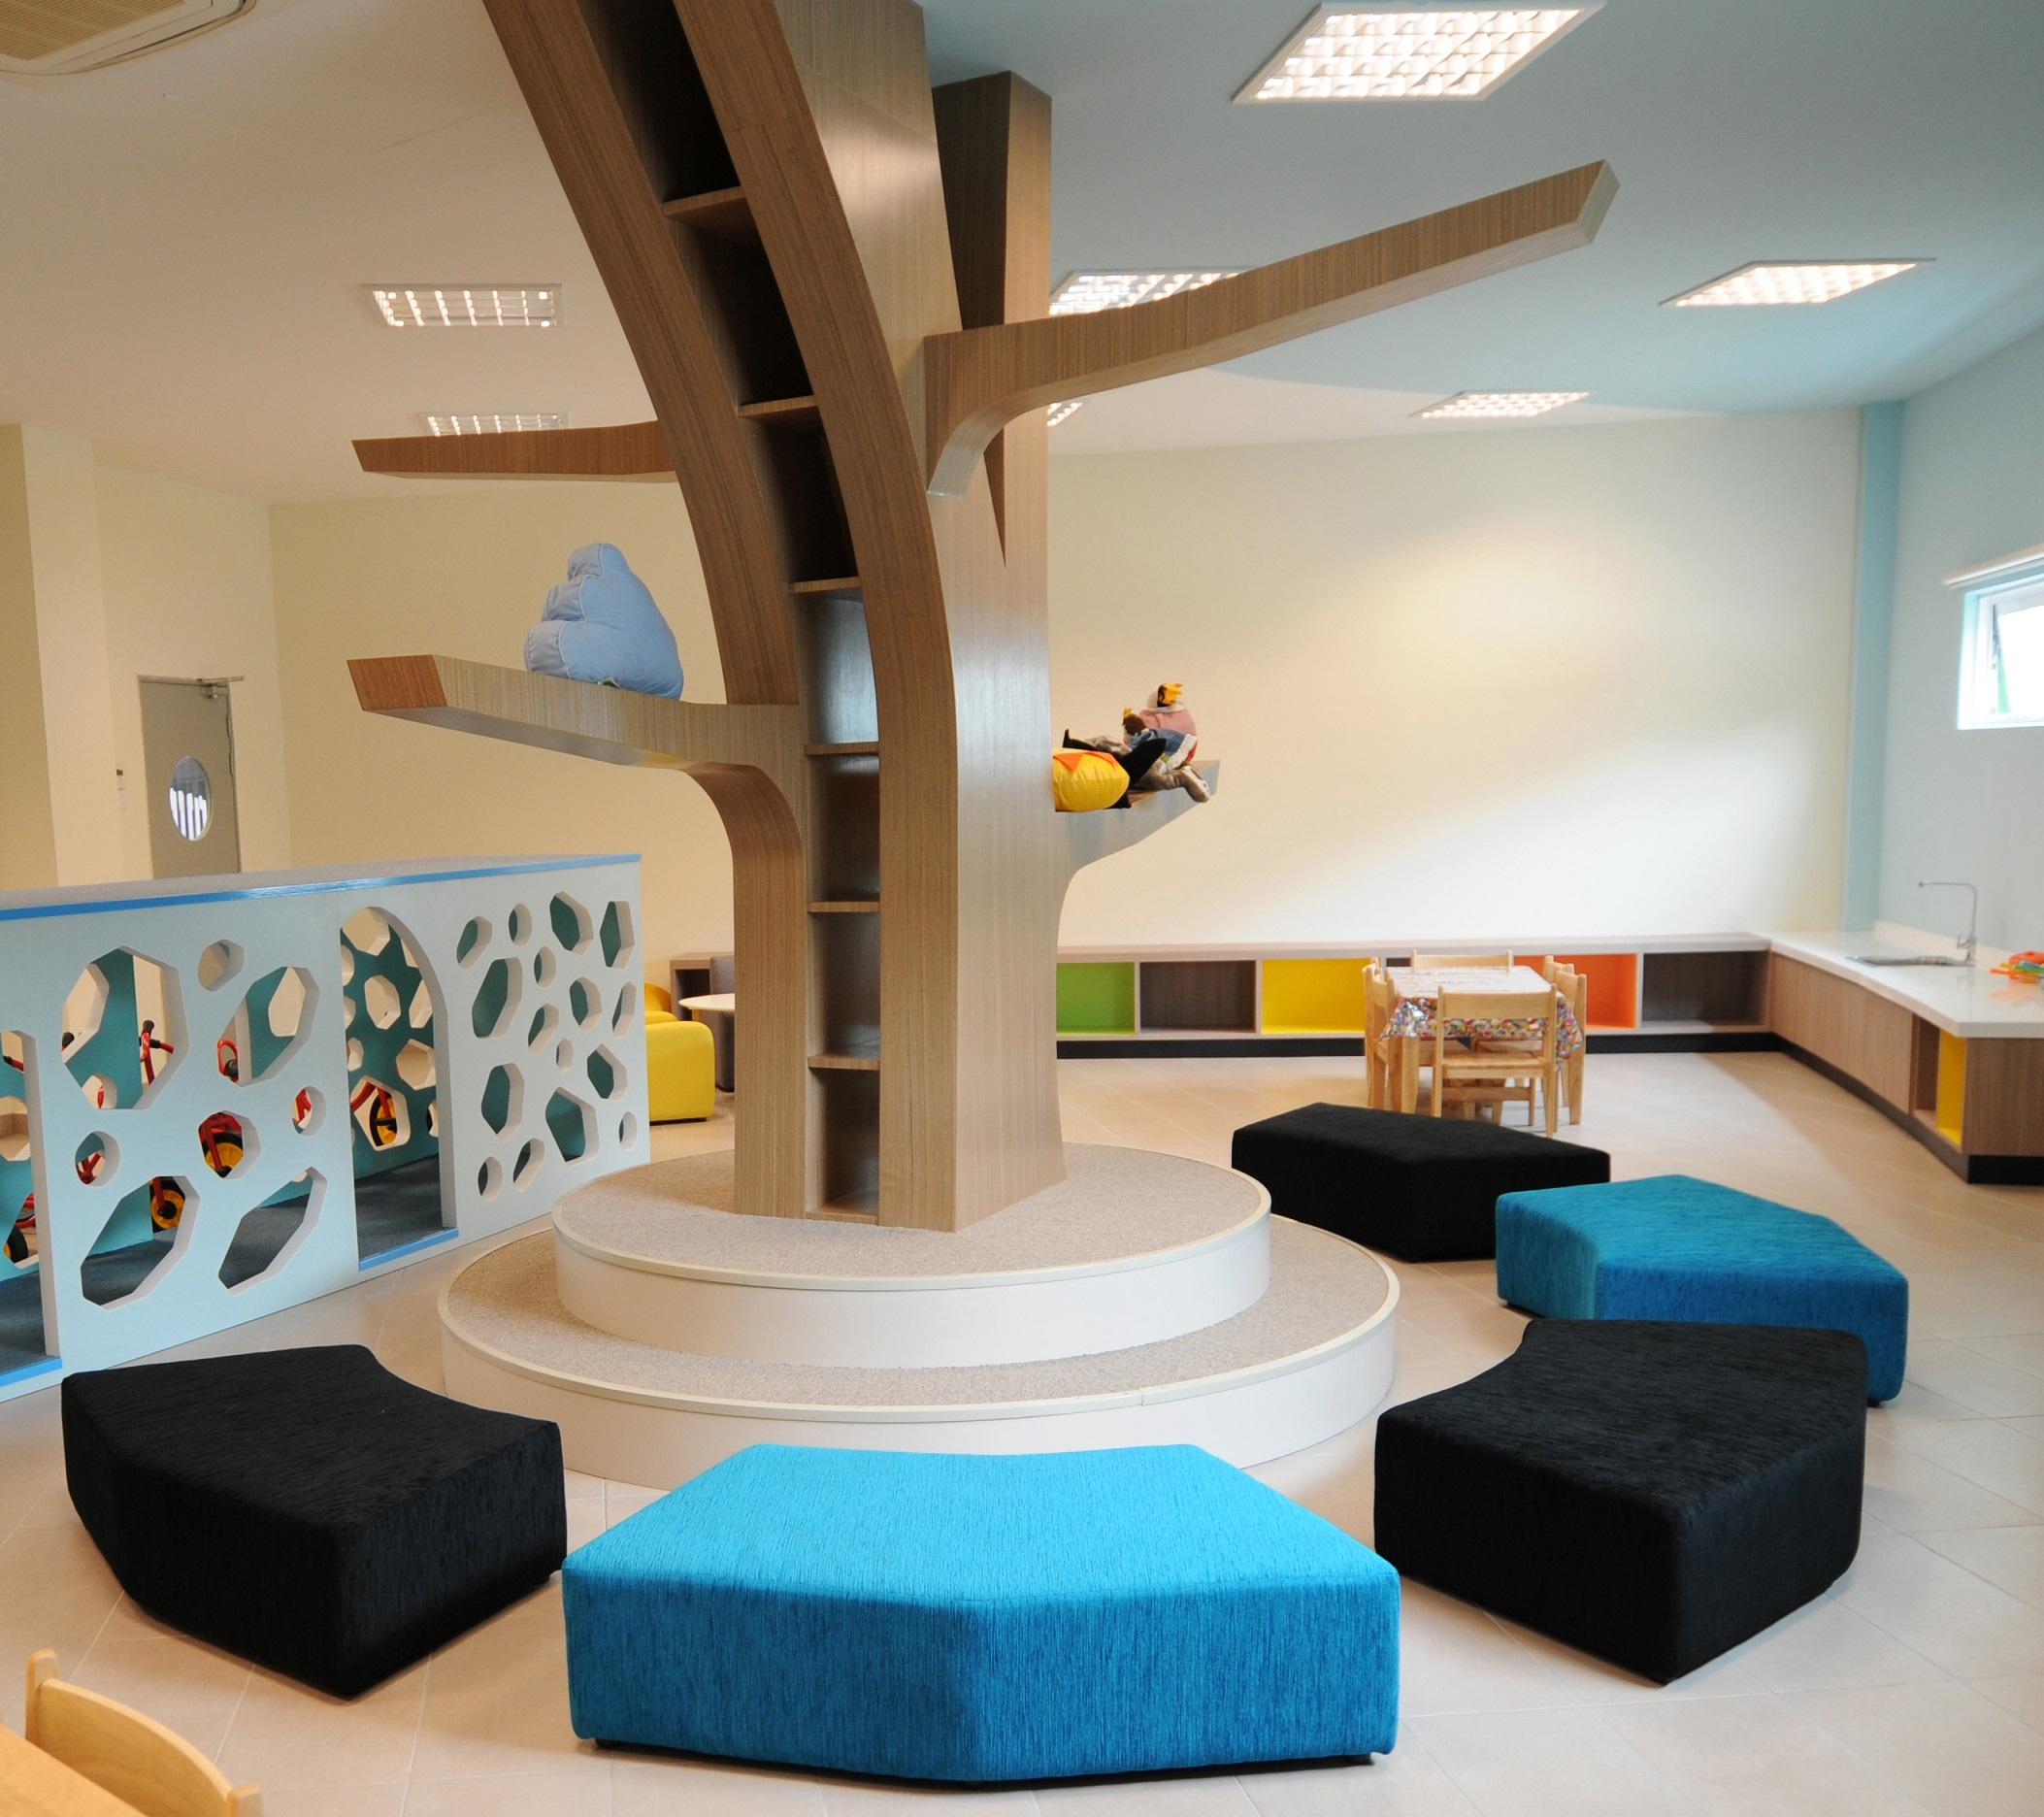 Play Corner In The Preschool Classroom